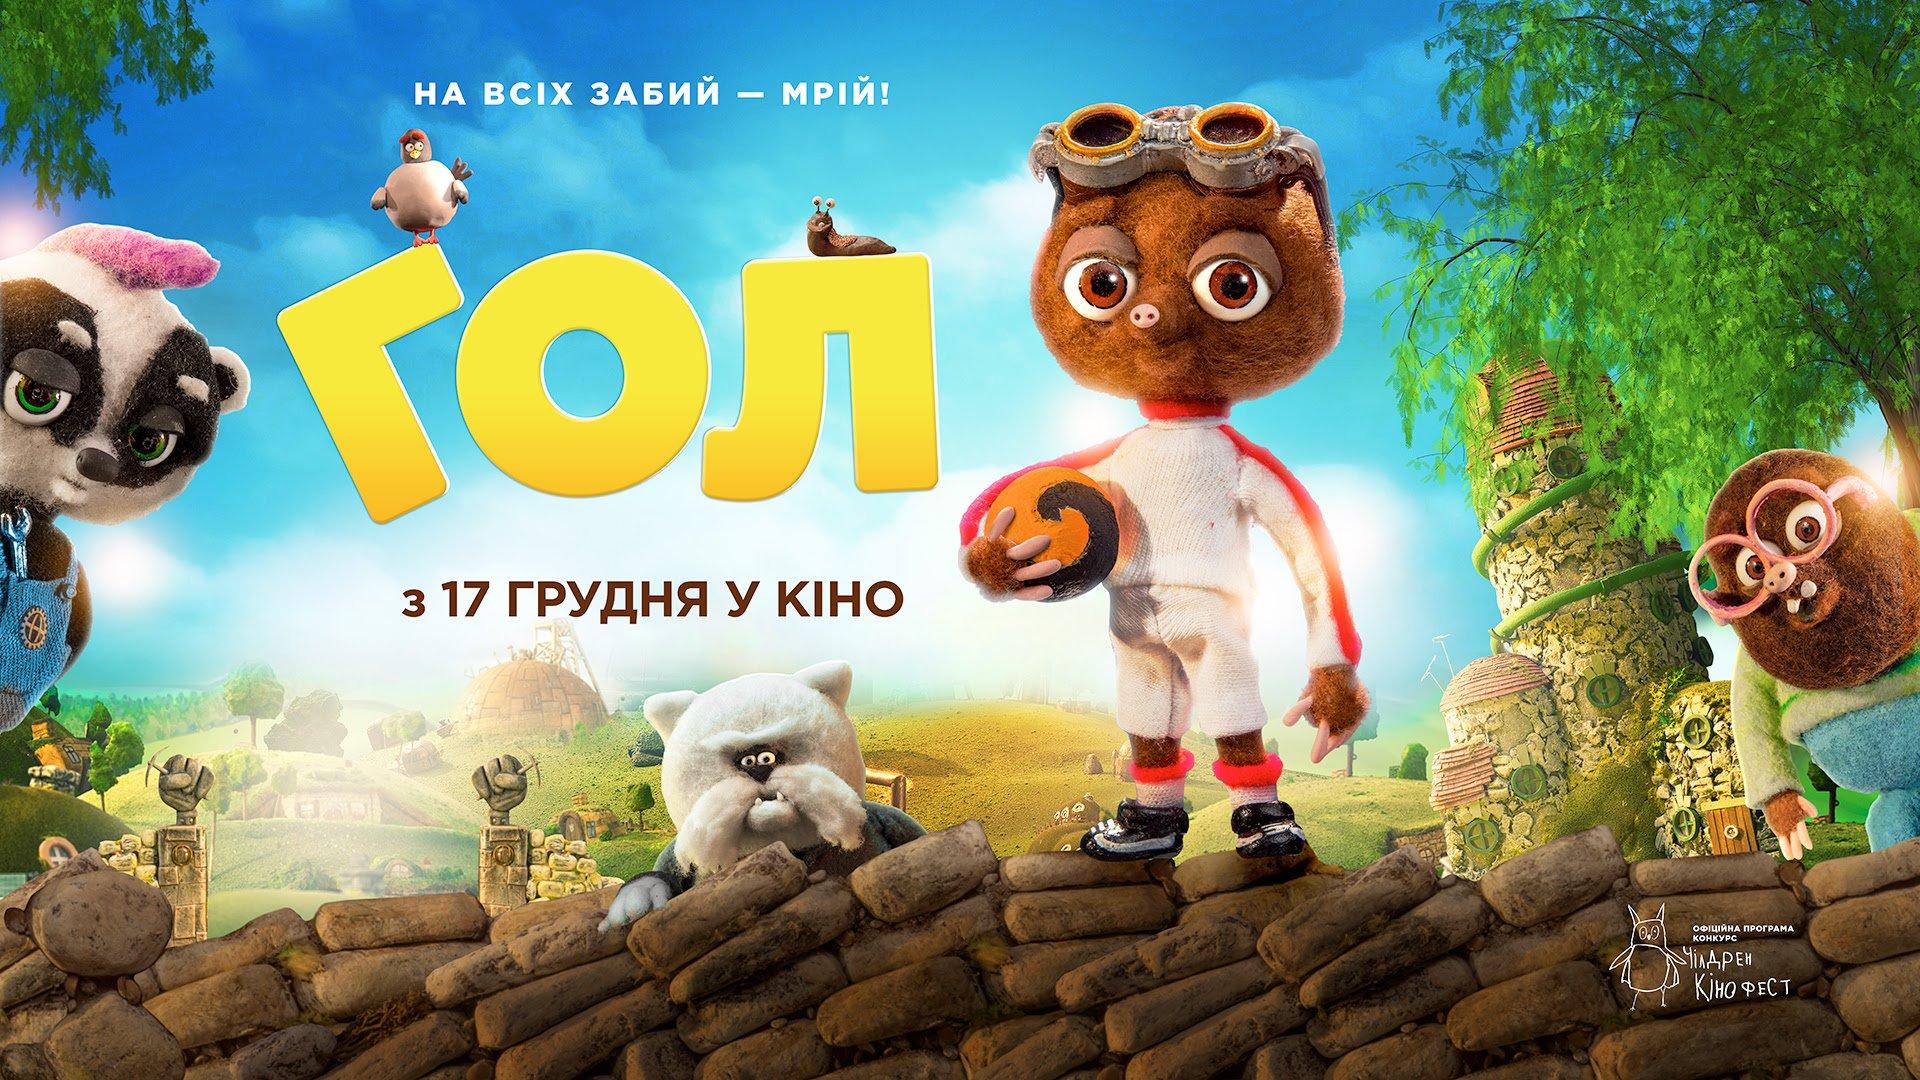 Британский мультфильм «Гол» выходит в Украинском прокат